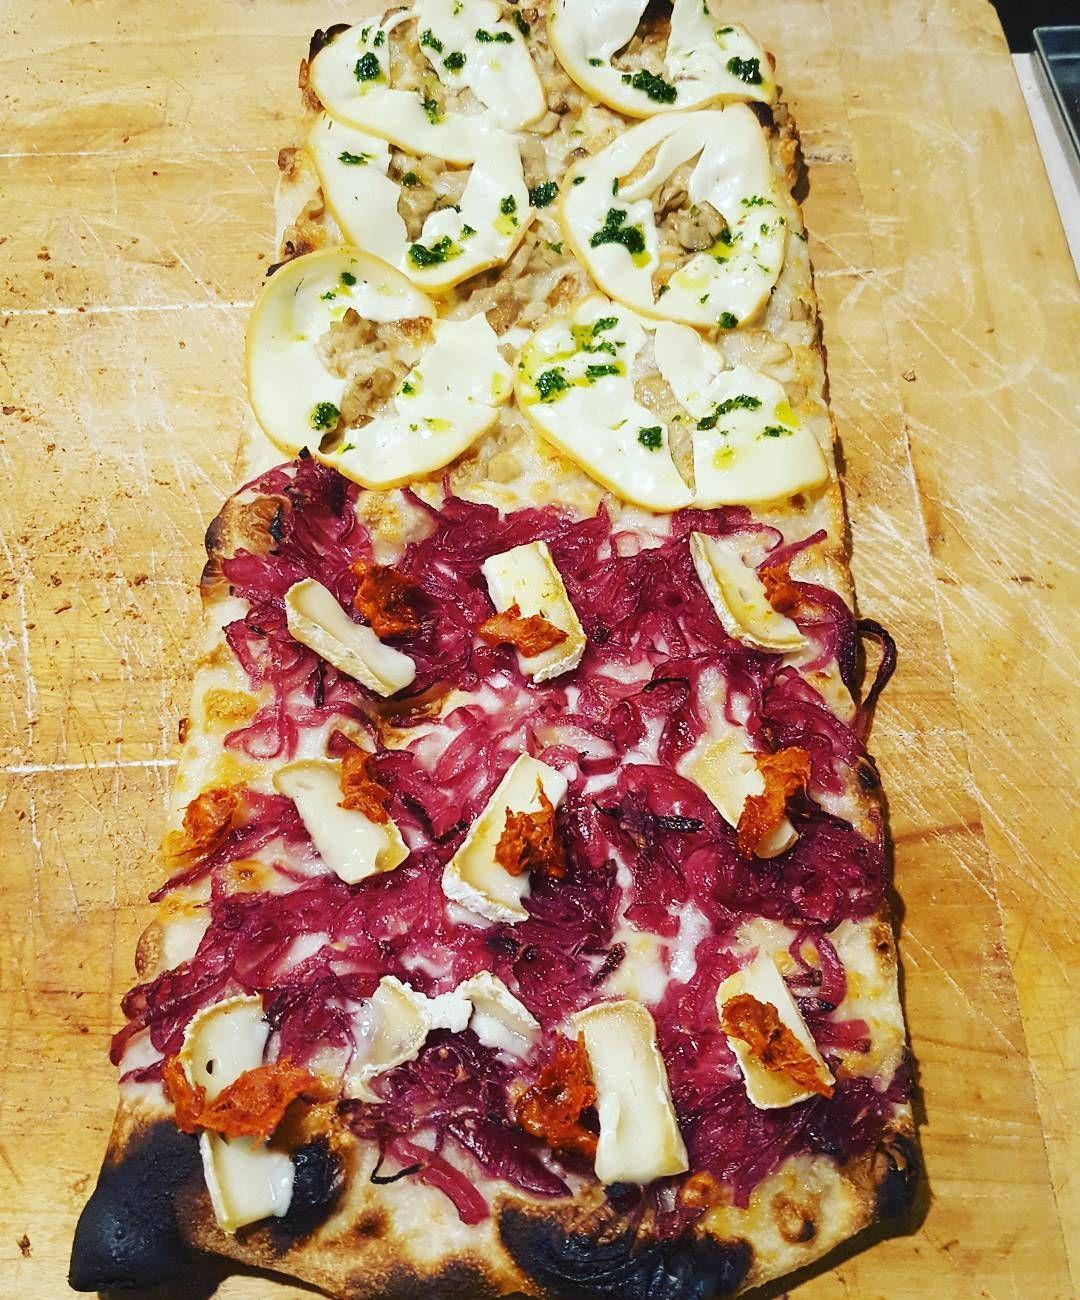 Pizza In Teglia Alla Romana 72 Ore Di Lievitazione Vere Pistamentuccia Bologna Roma Italy Pizza Lovepizza Passione Cibo Cibo Italiano Cucina Italiana